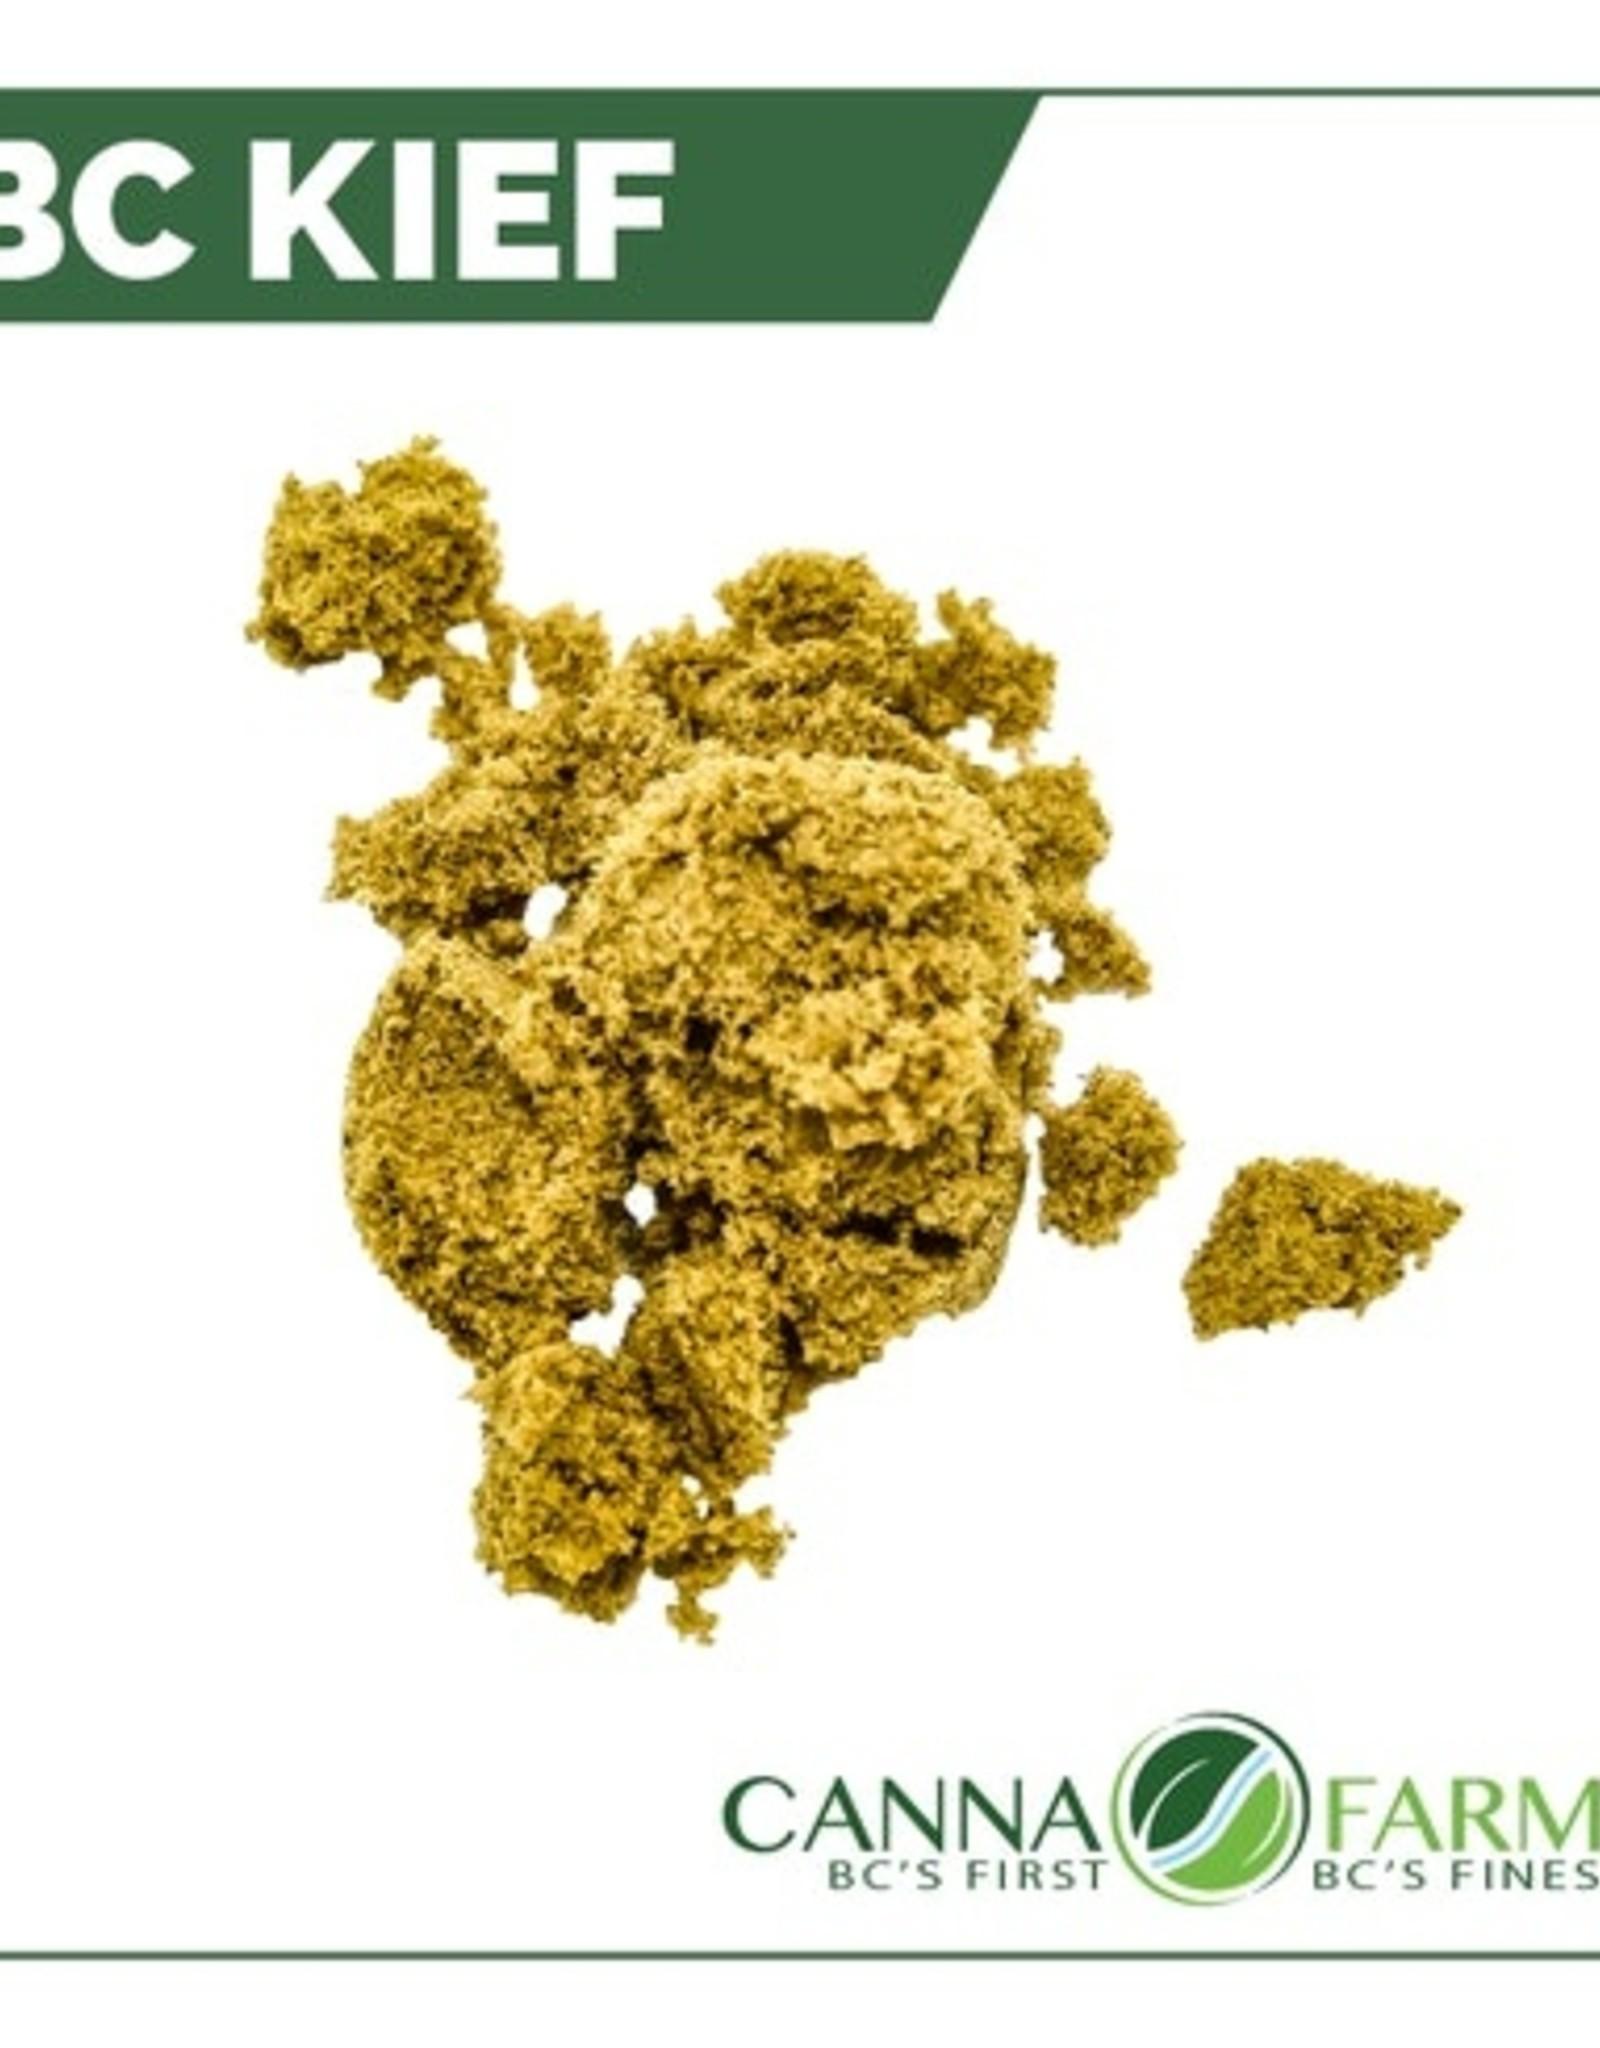 Canna Farms **Canna Farms - BC Kief - 1g